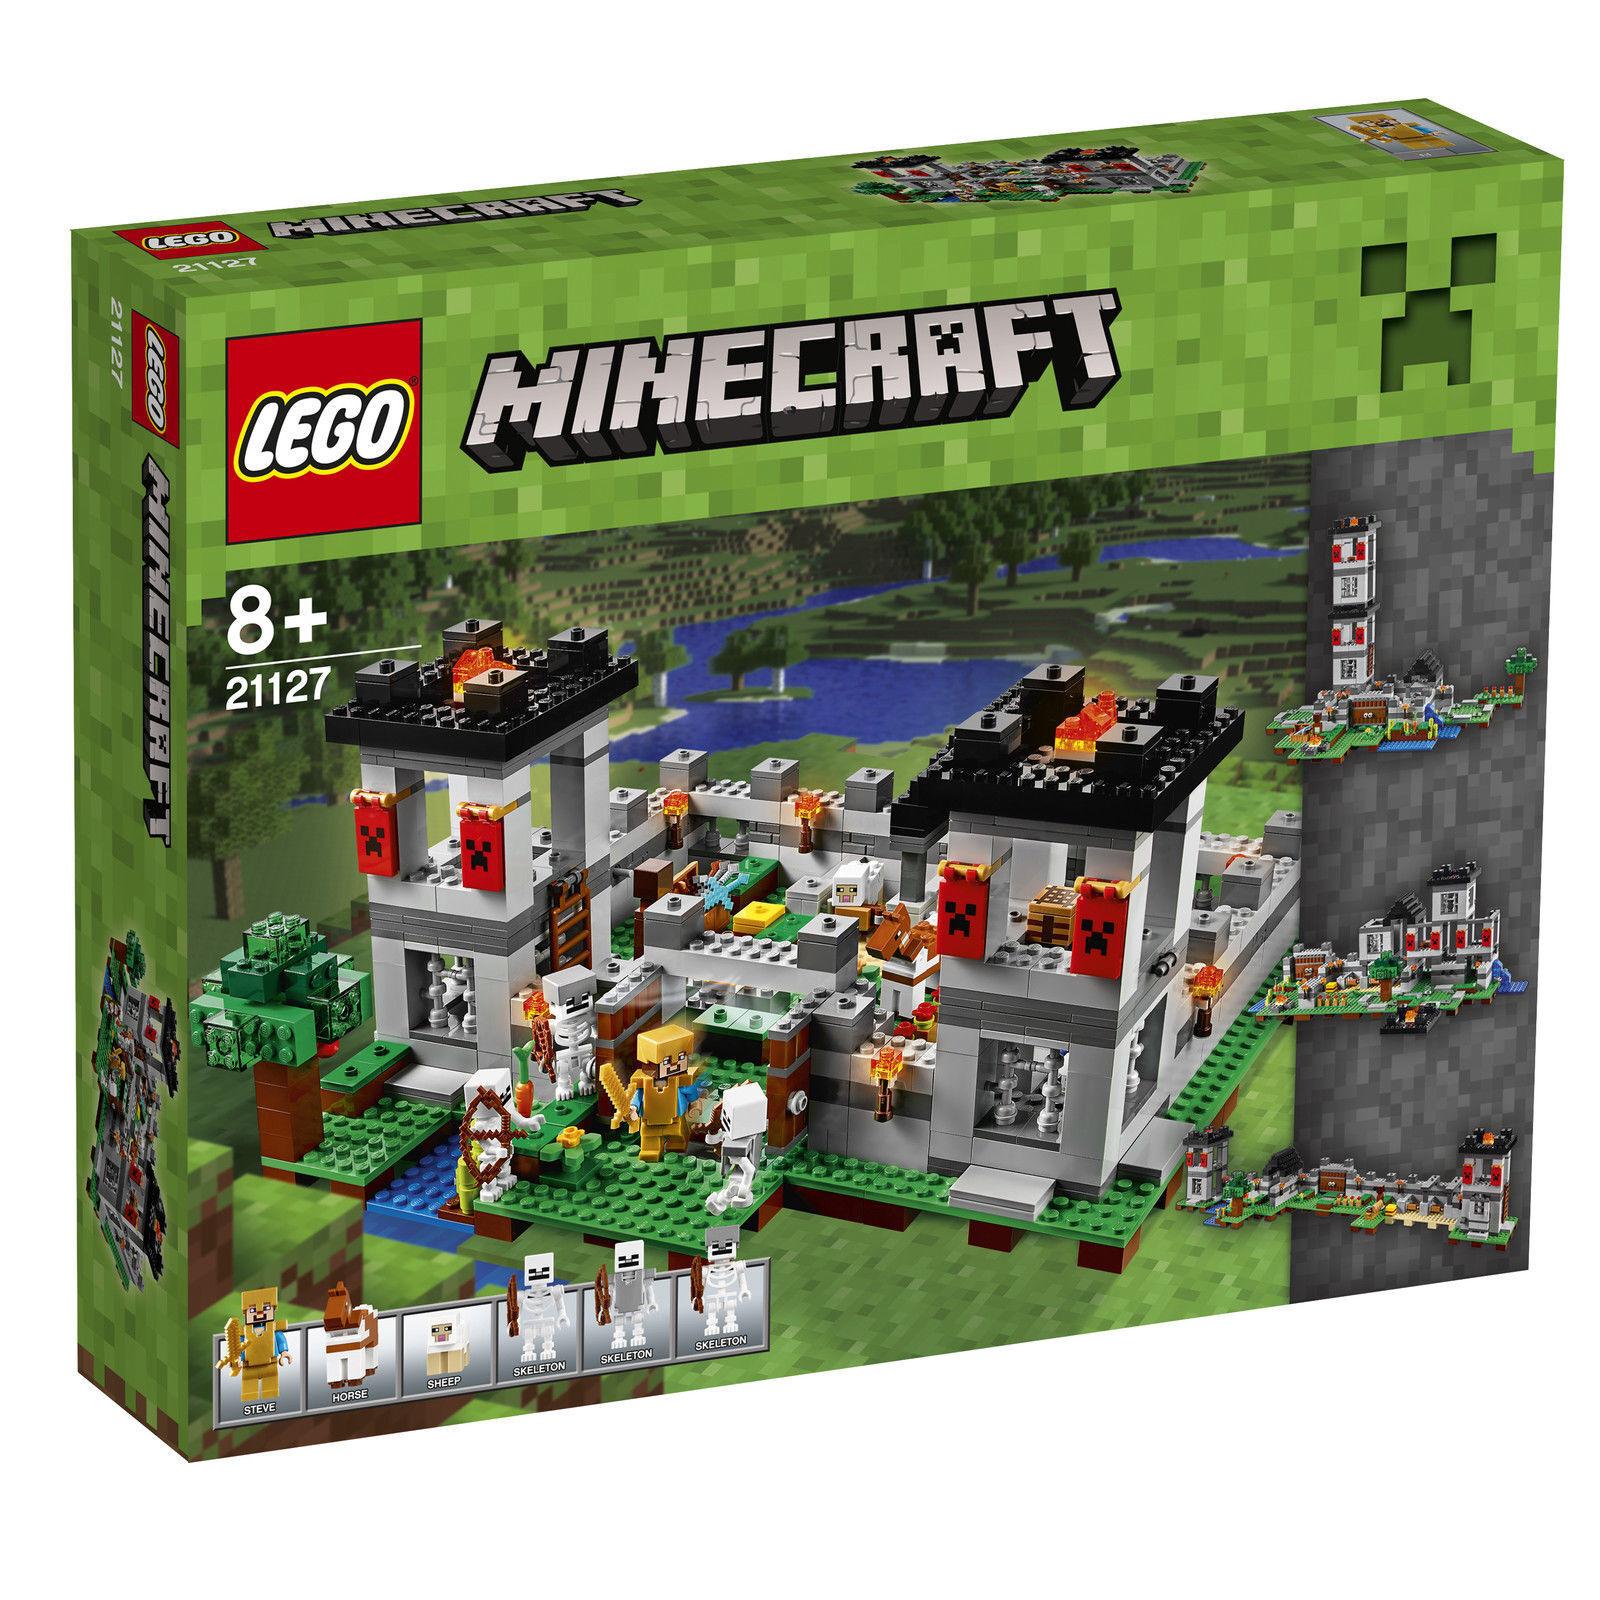 LEGO 21127 Minecraft Die Festung NEU & OVP